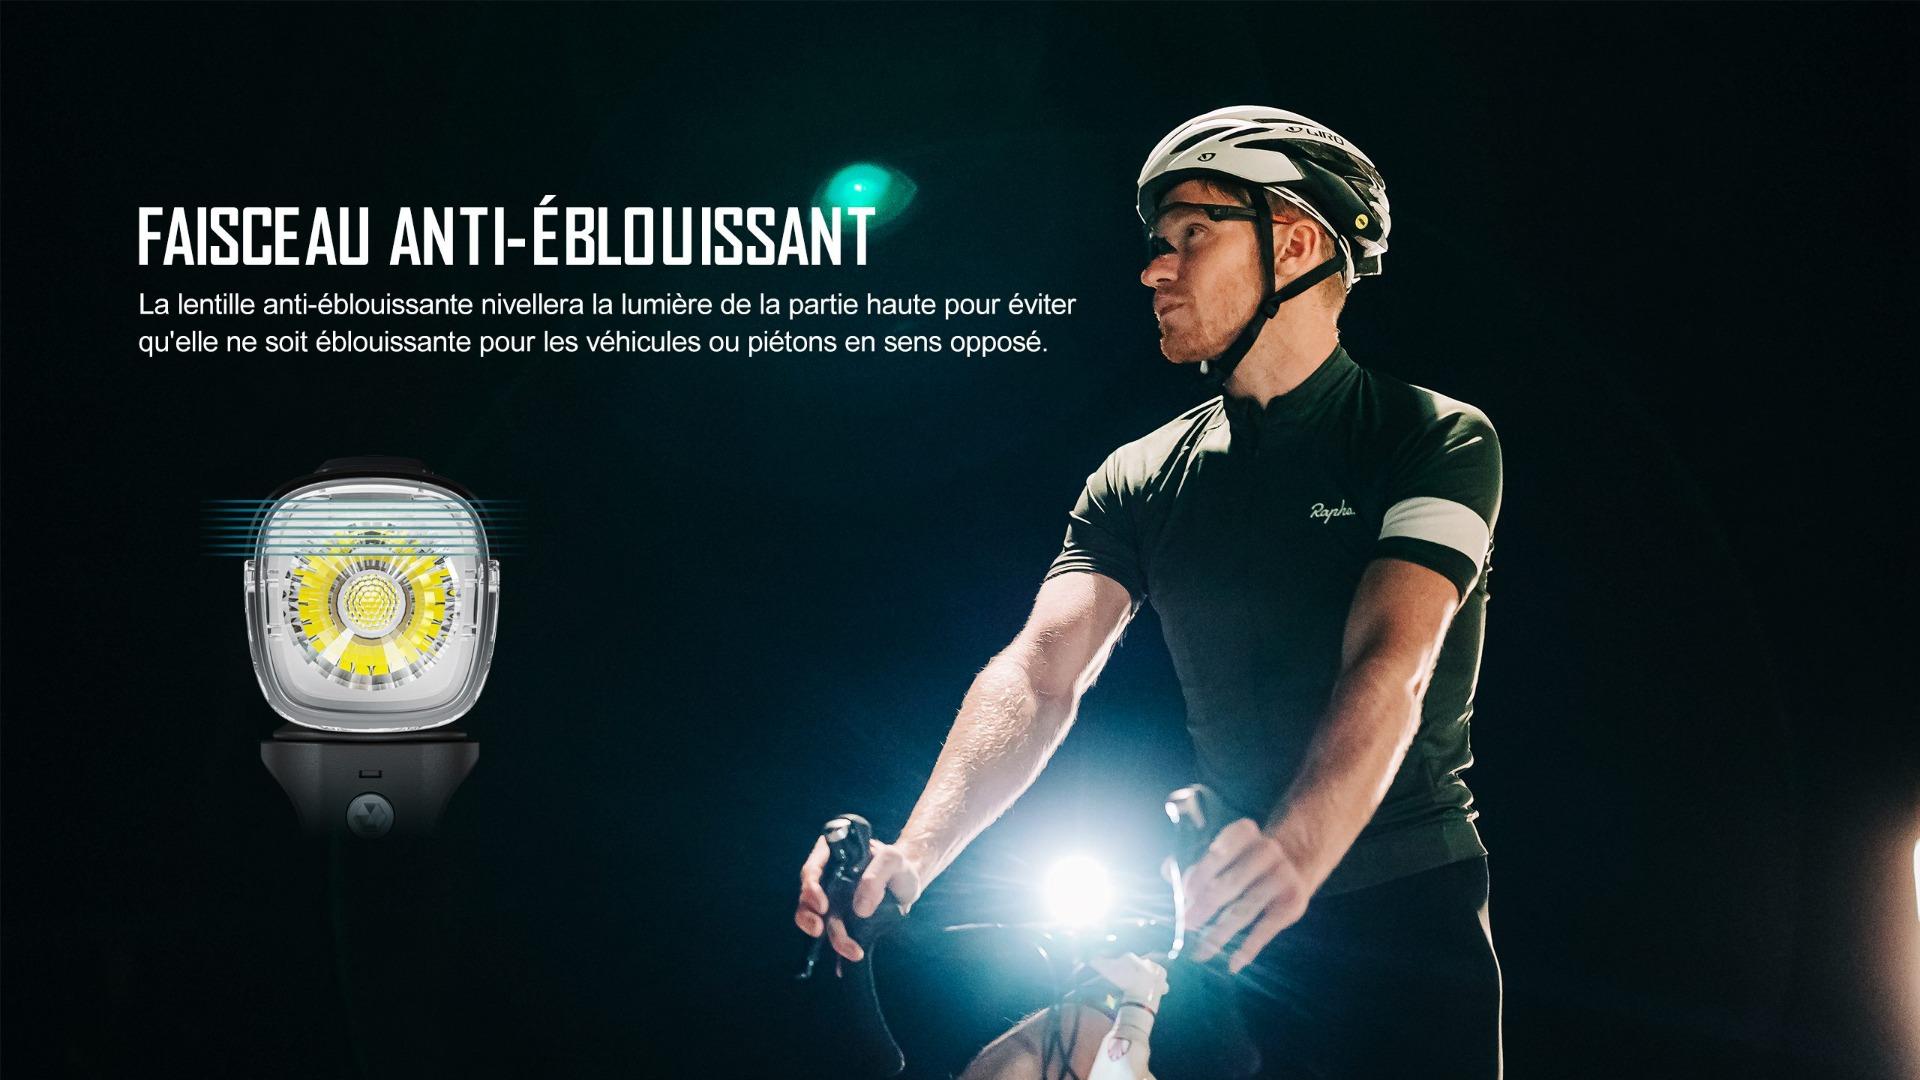 faisceau anti-éblouissant éclairage avant vélo